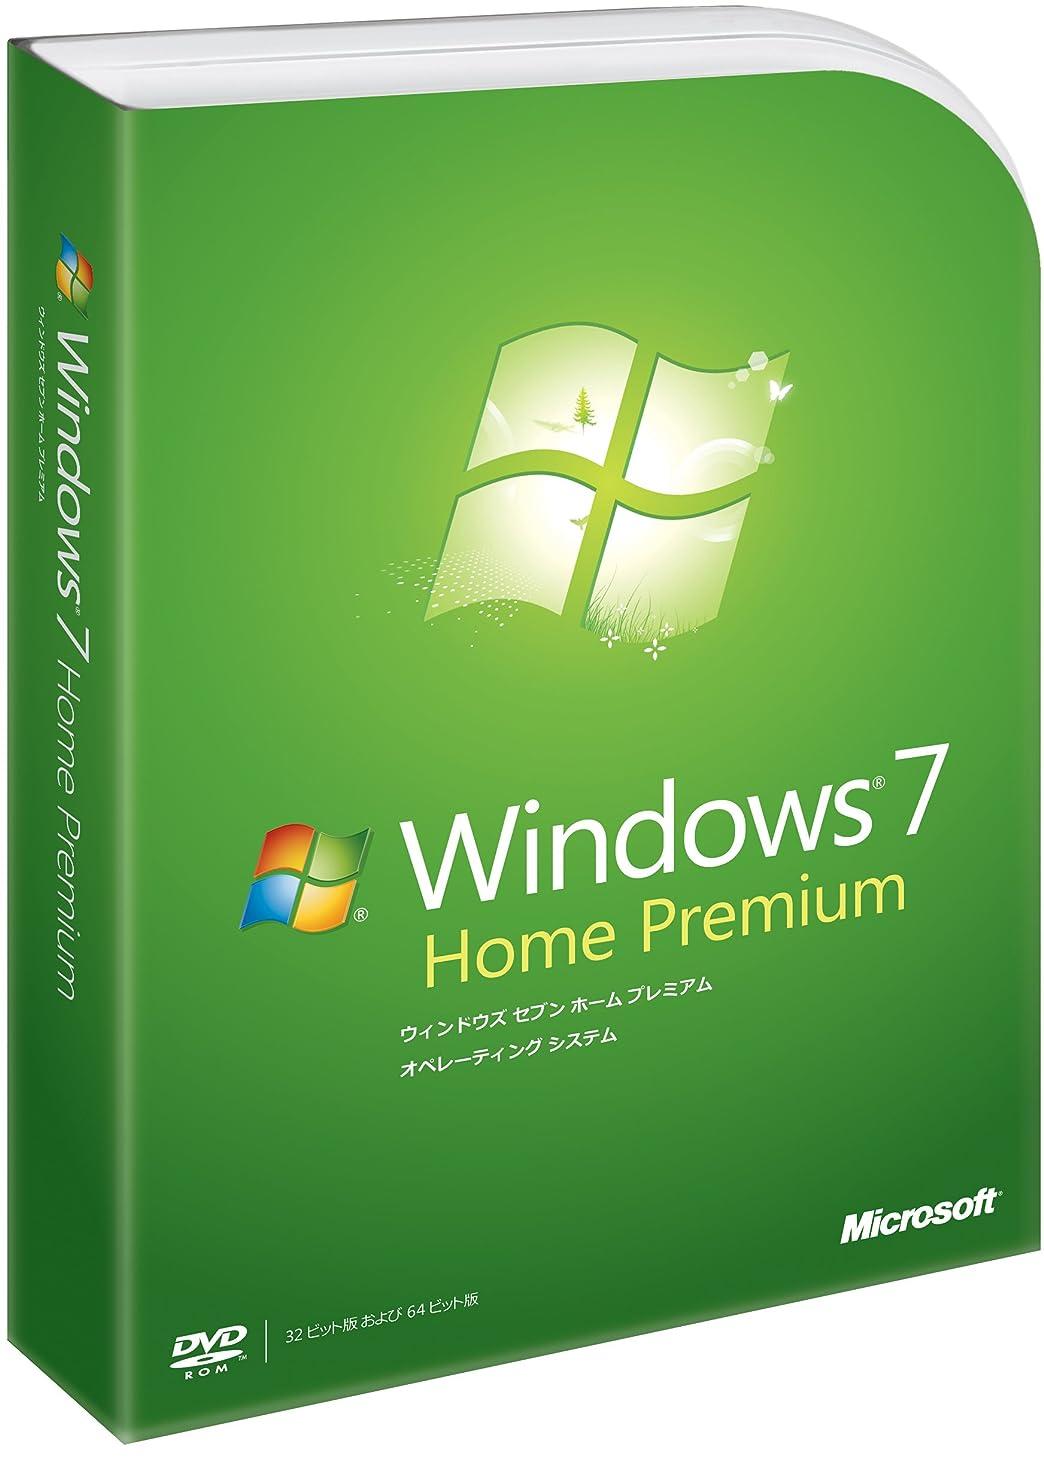 真夜中言語頬骨Windows 7 Home Premium